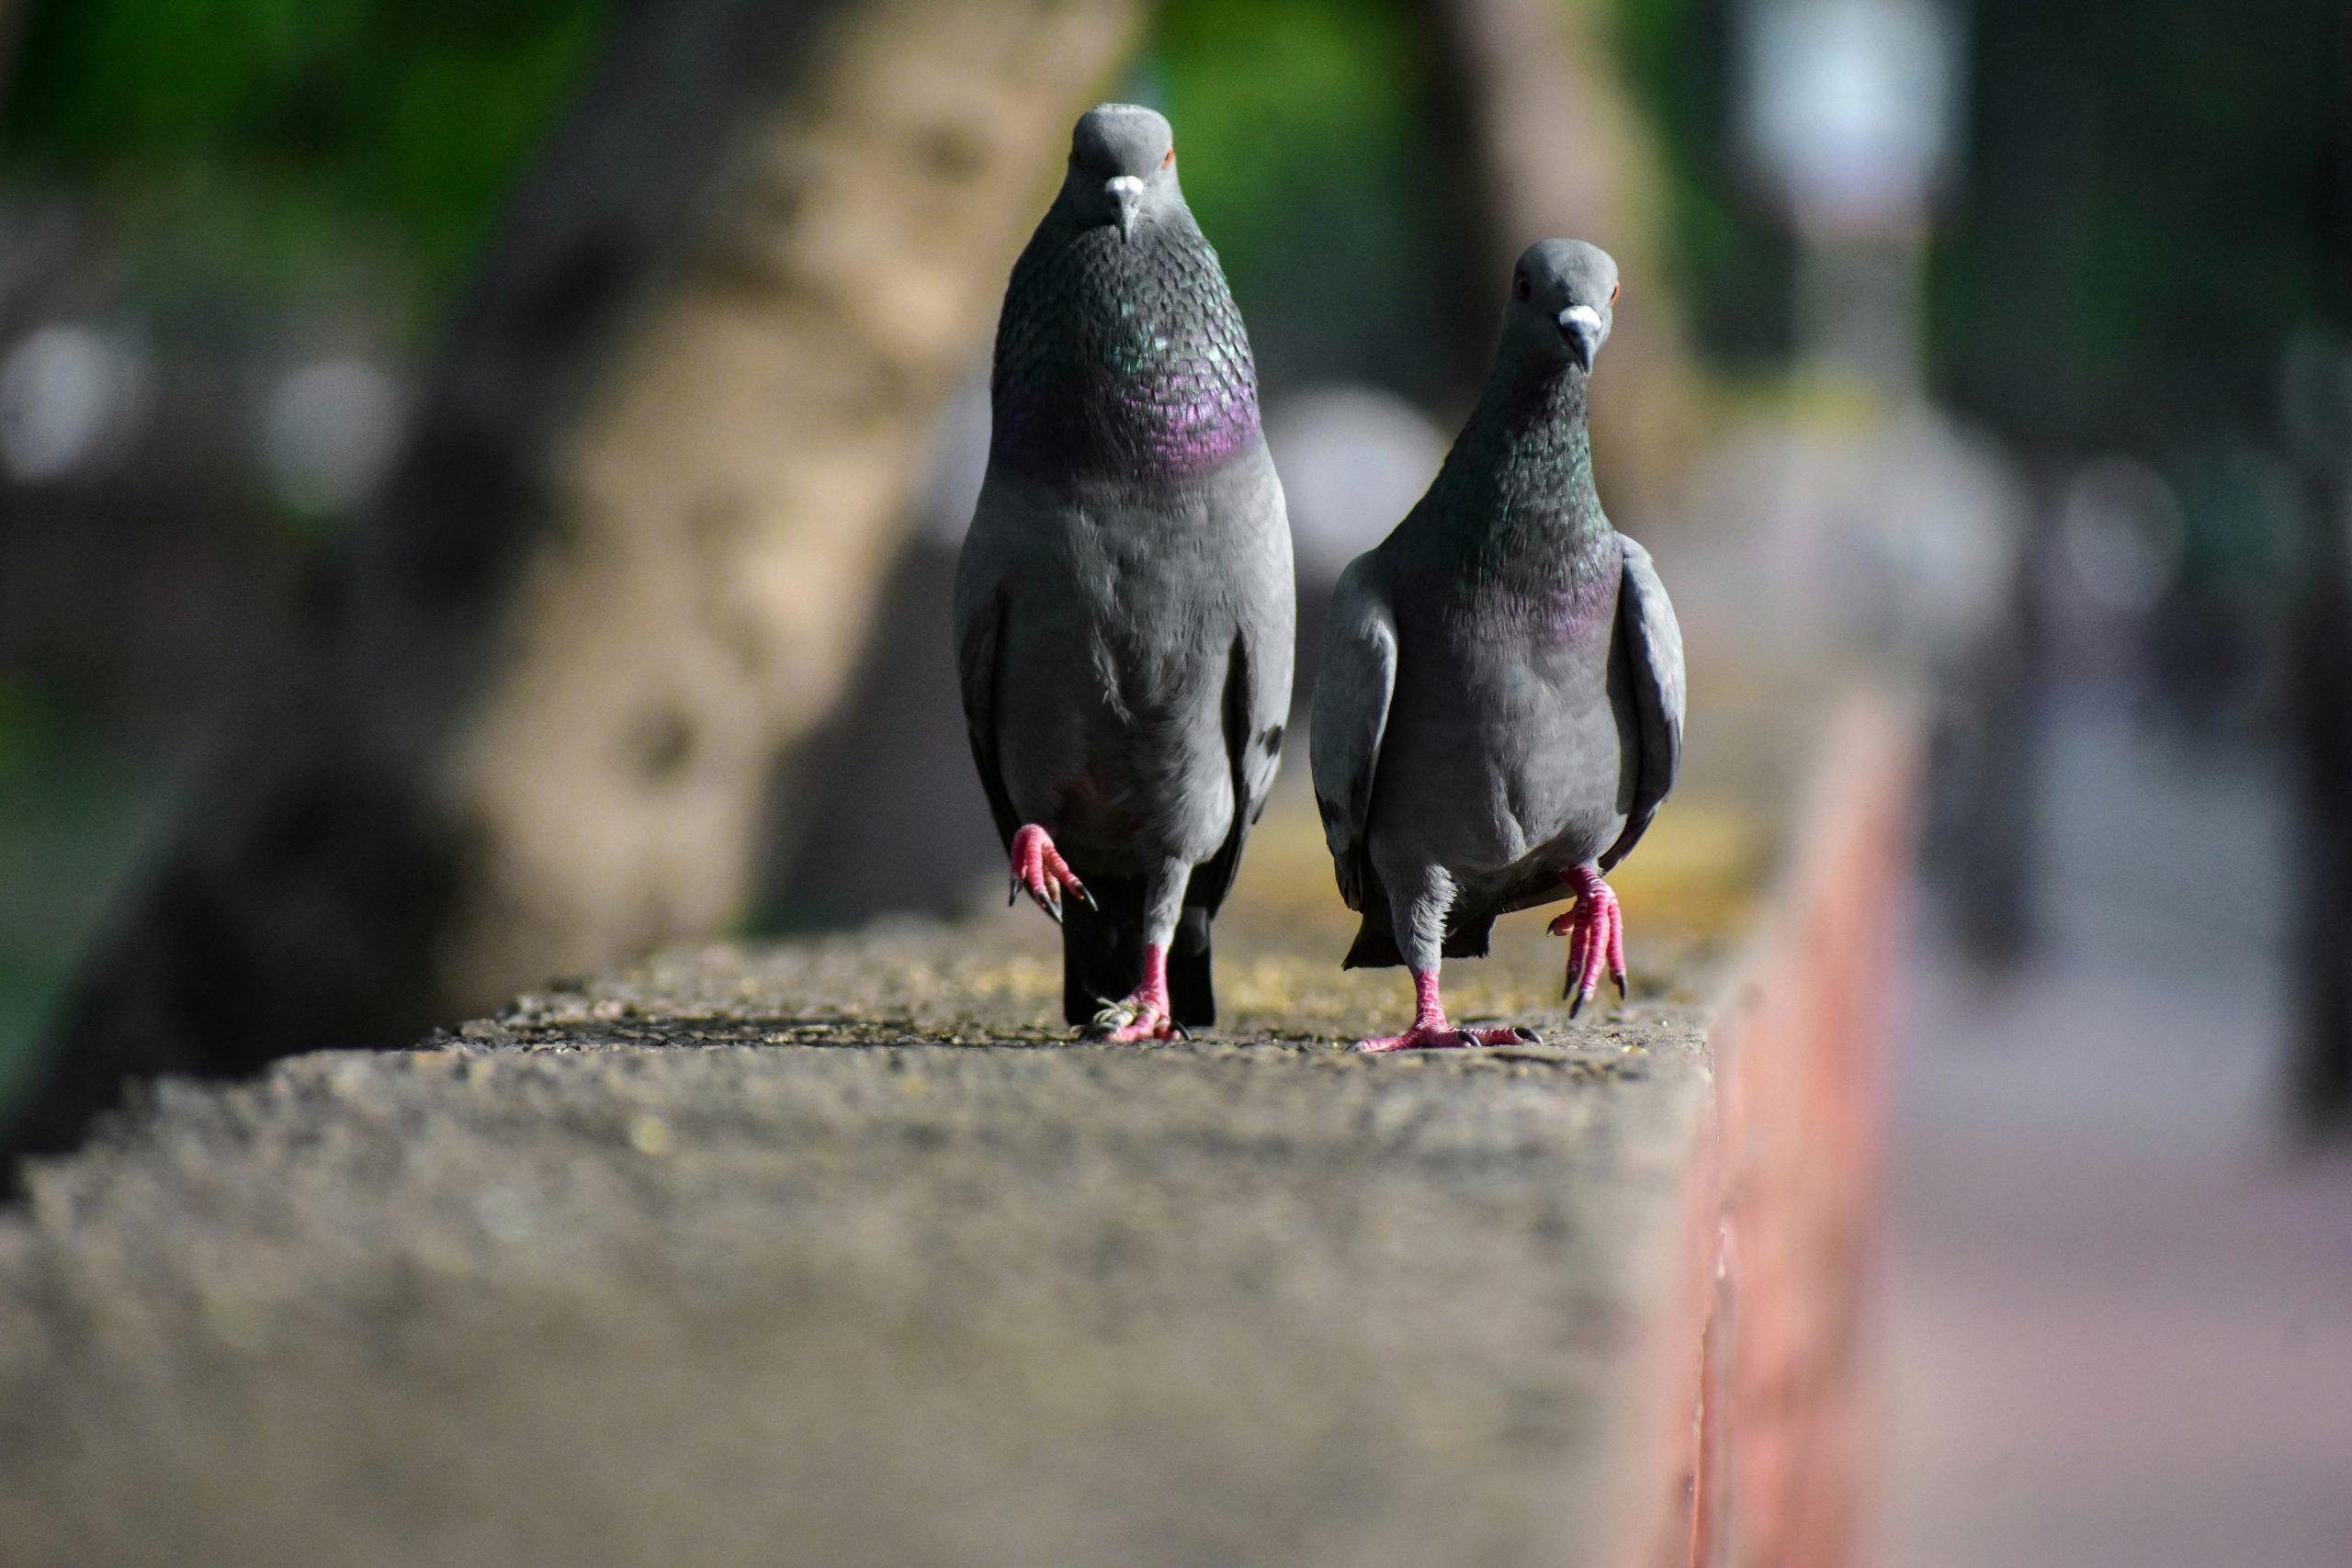 Pigeons walking on flat surface